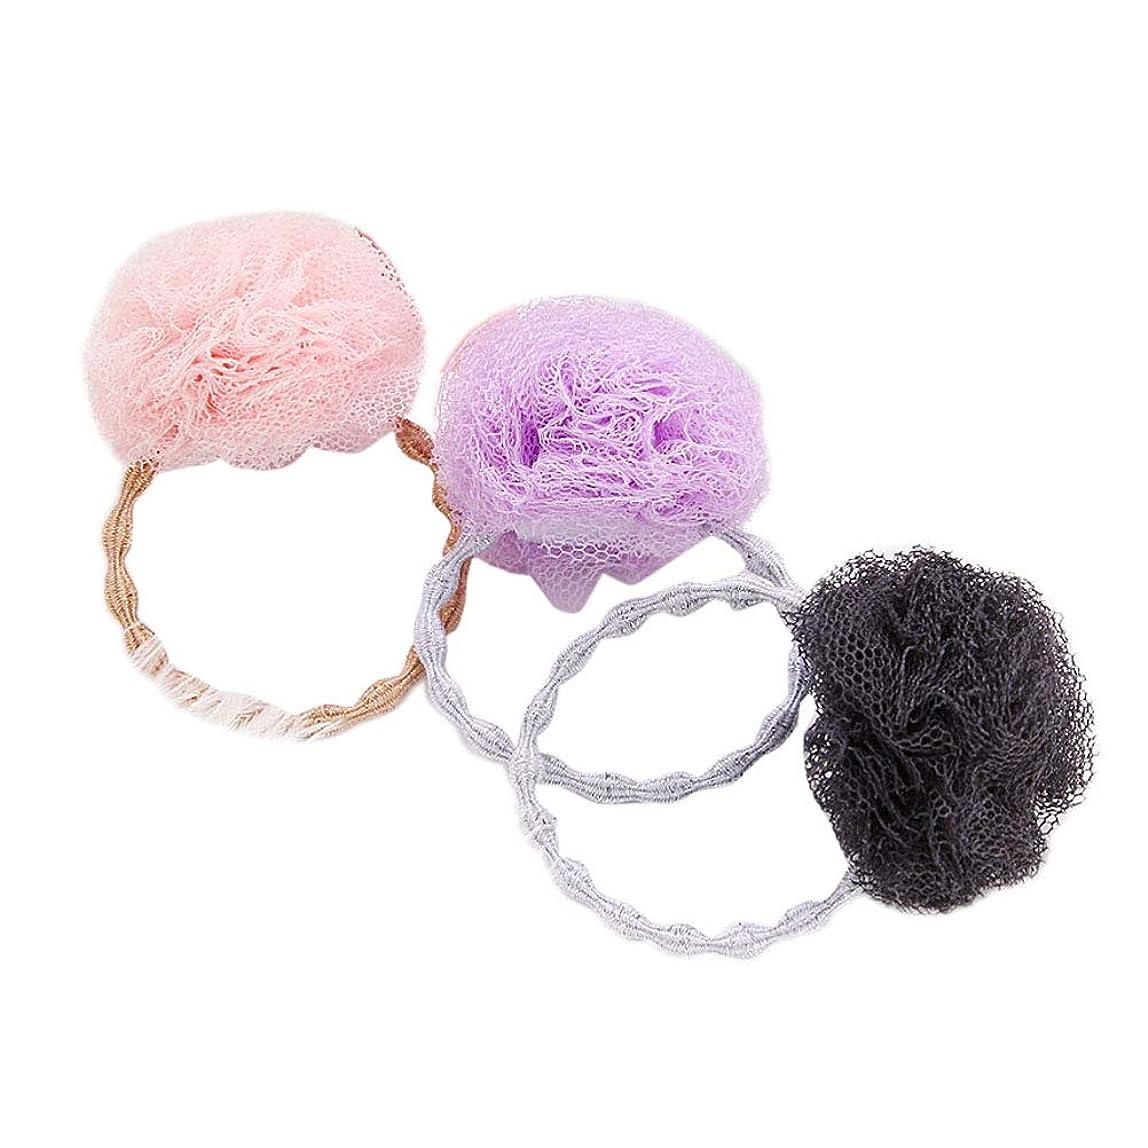 明るい見通しを必要としていますBeaupretty 3本弾性ネクタイストレッチポニーテールホルダー糸ボールヘアリングロープ用女の子ヘアアクセサリー(ピンク+ブラック+パープル)